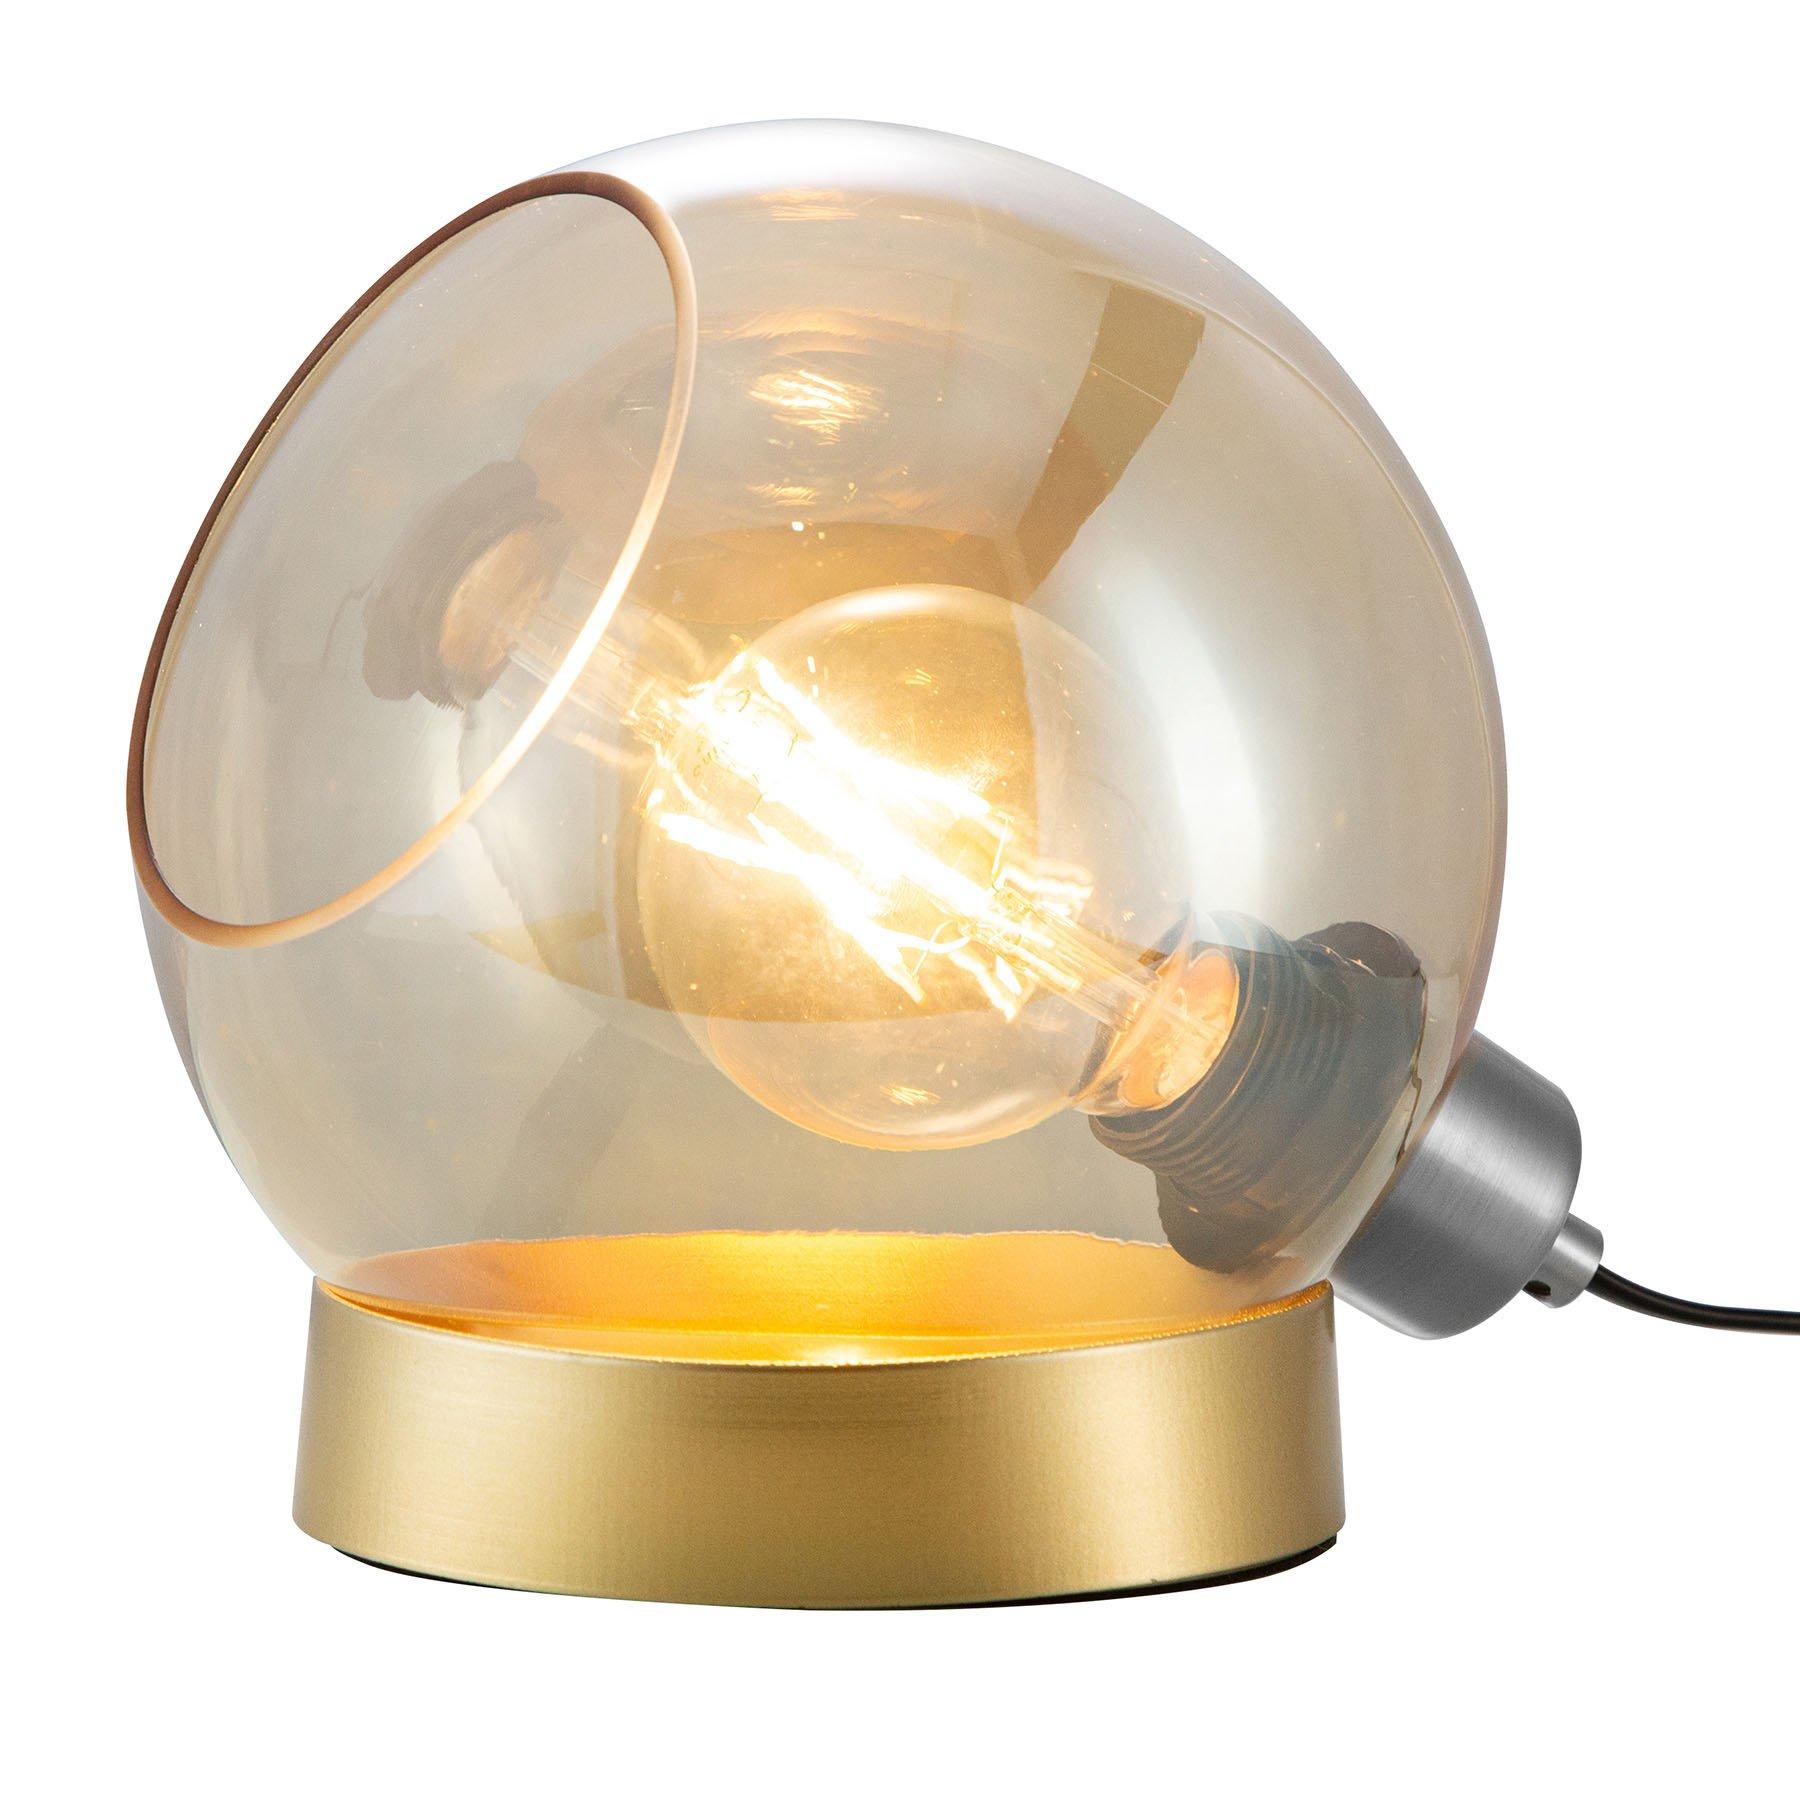 Bordlampe Toula, Ø 20 cm, glass, rav